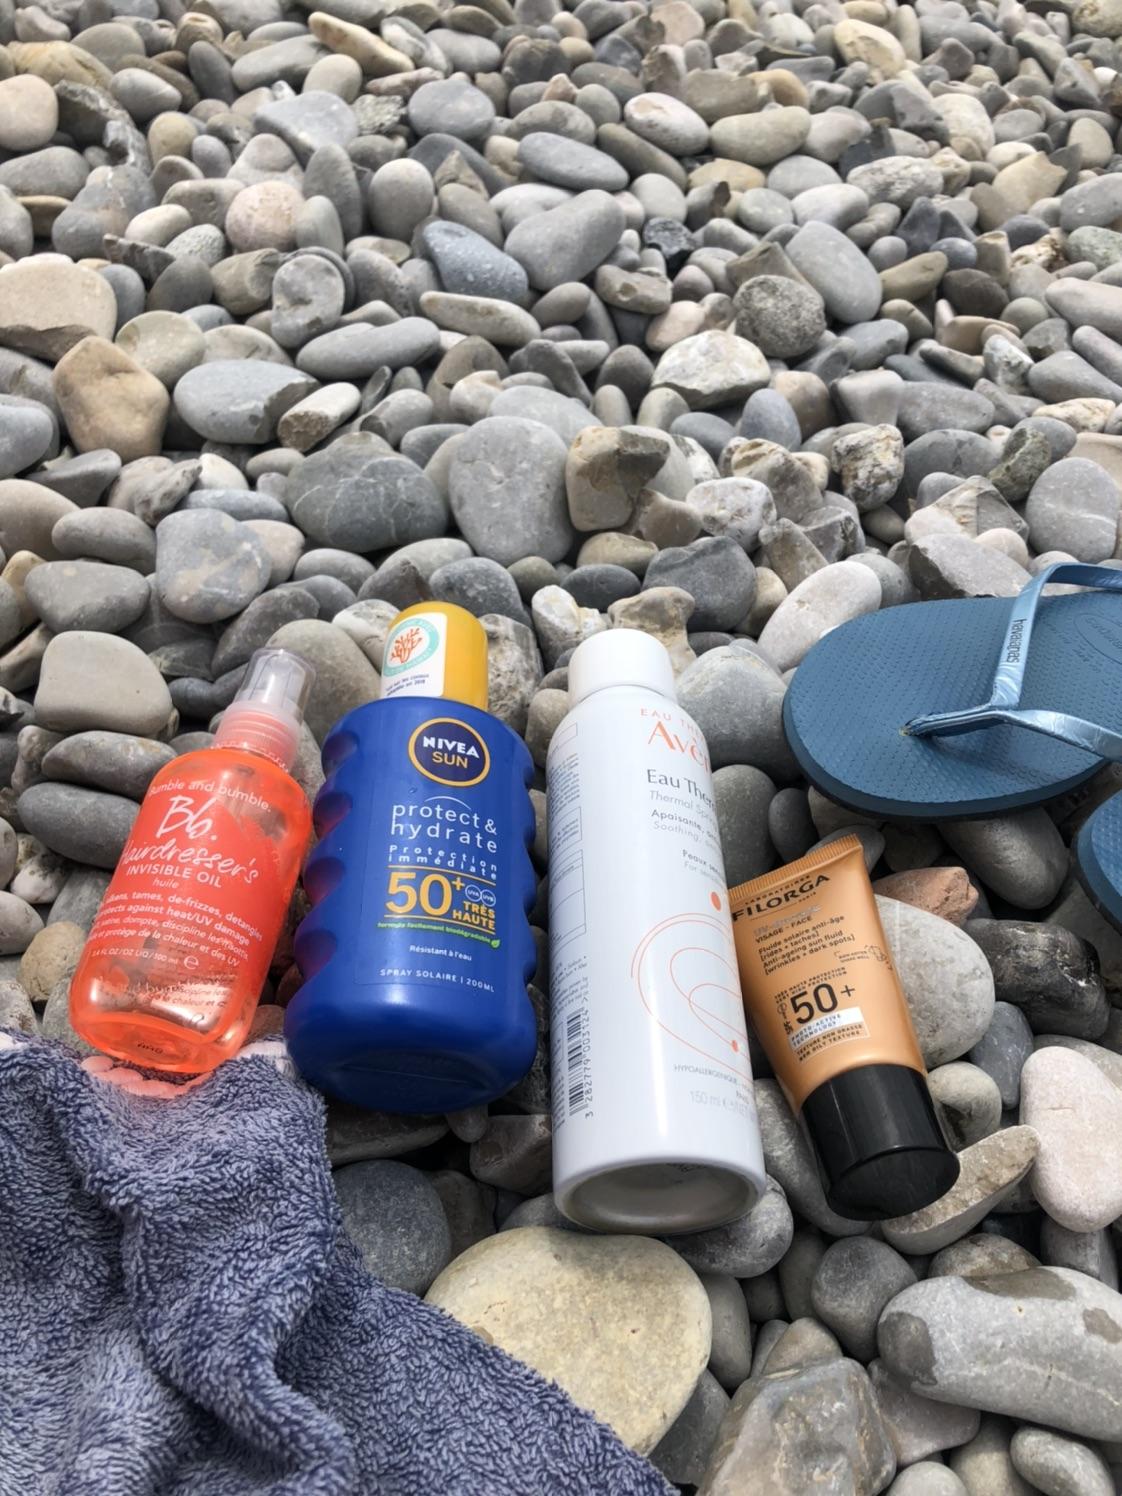 【夏天啦】海滩必备好物